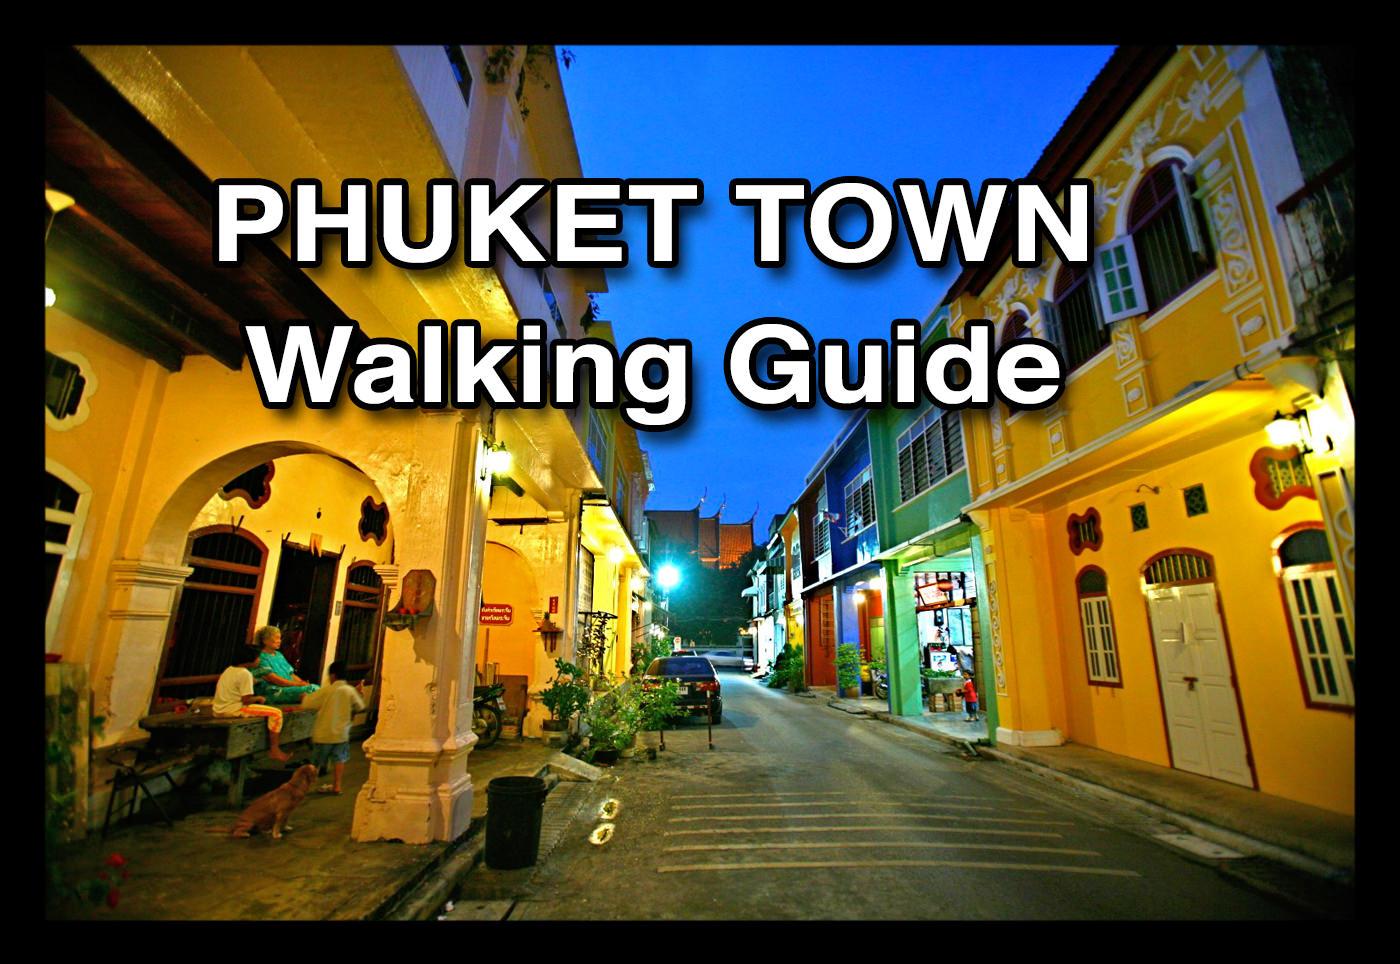 Phuket Town A Walking Guide